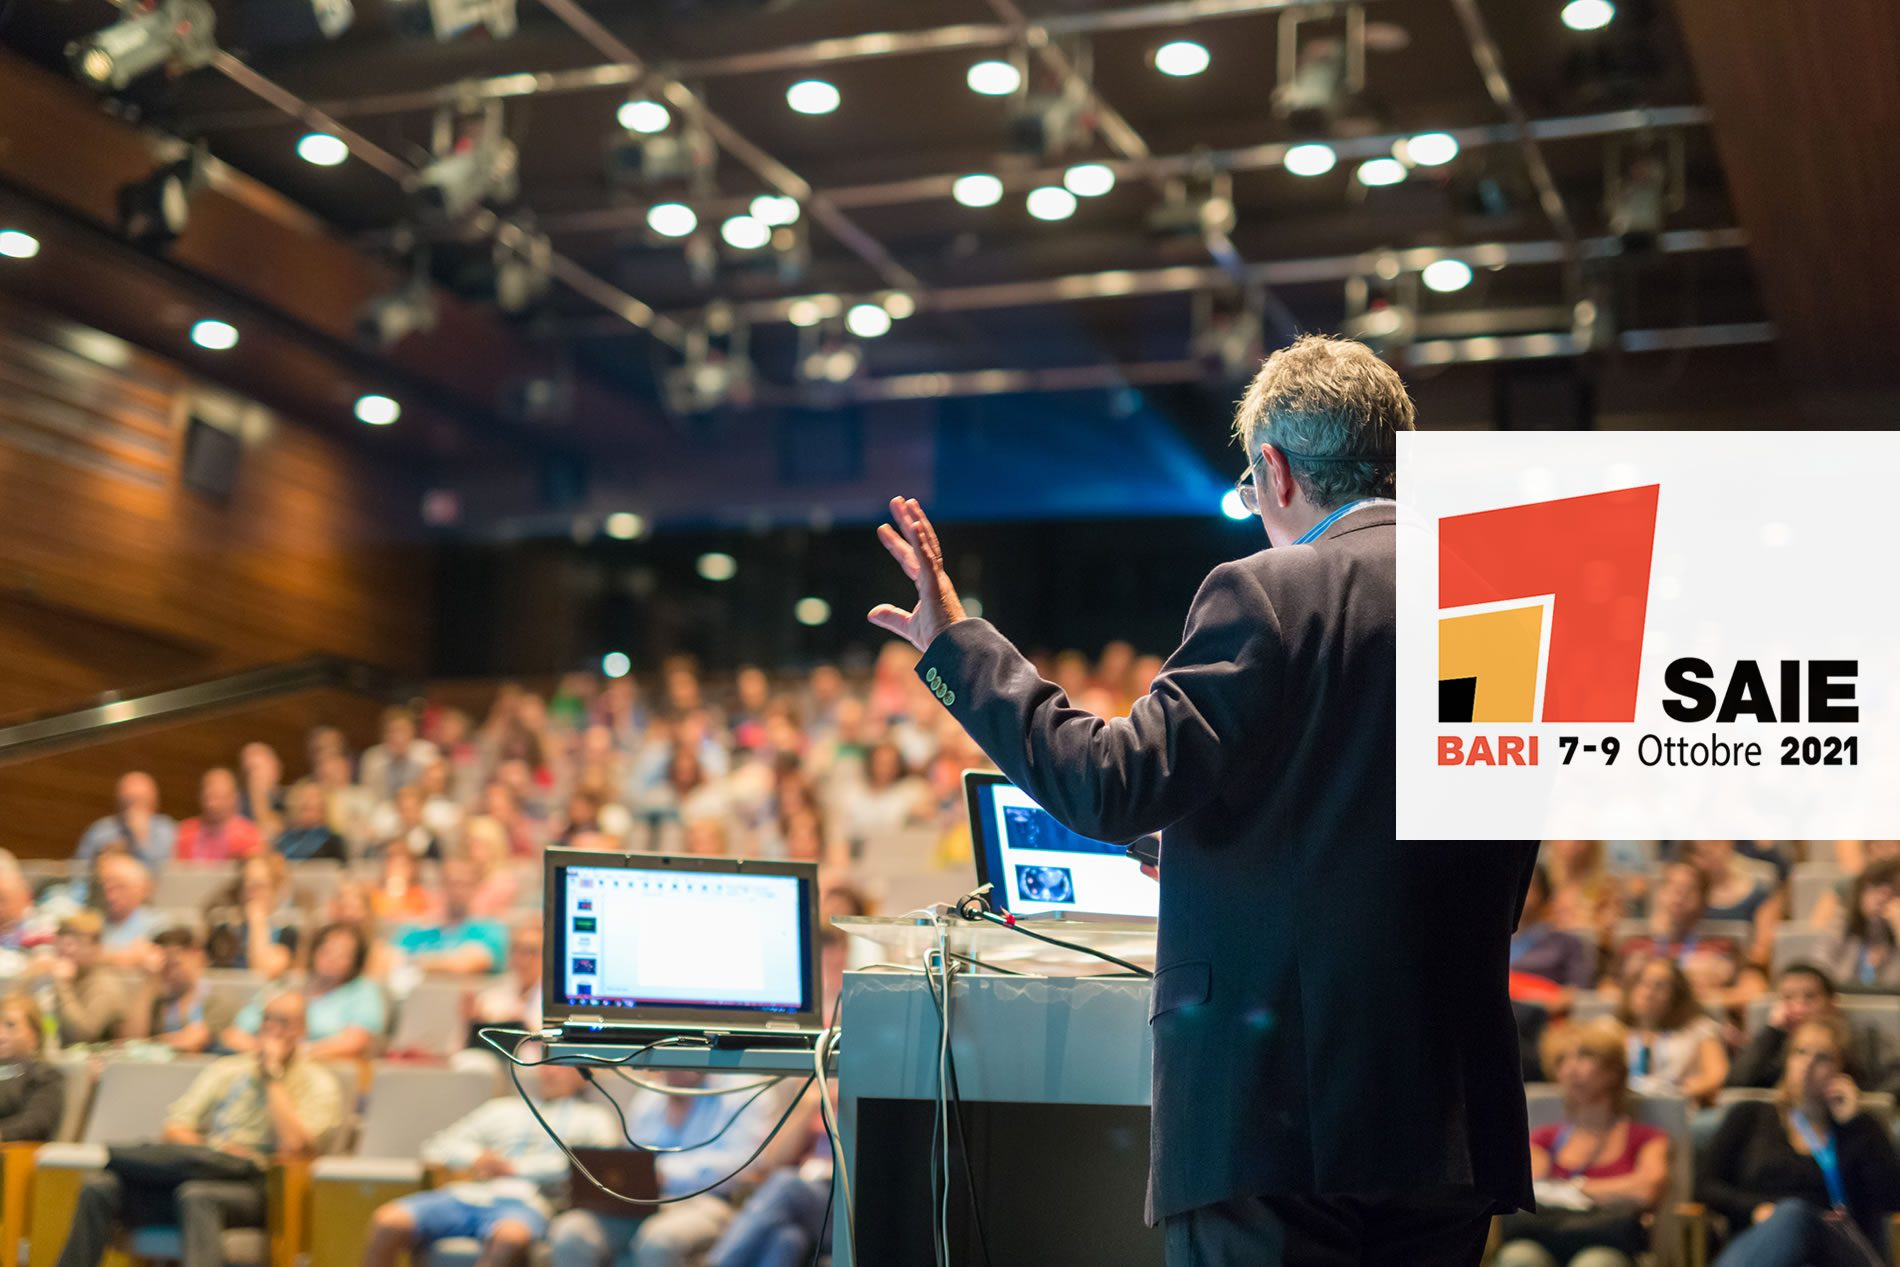 SAIE Bari 2021: 107 convegni di aggiornamento formativo per i professionisti del sistema delle costruzioni